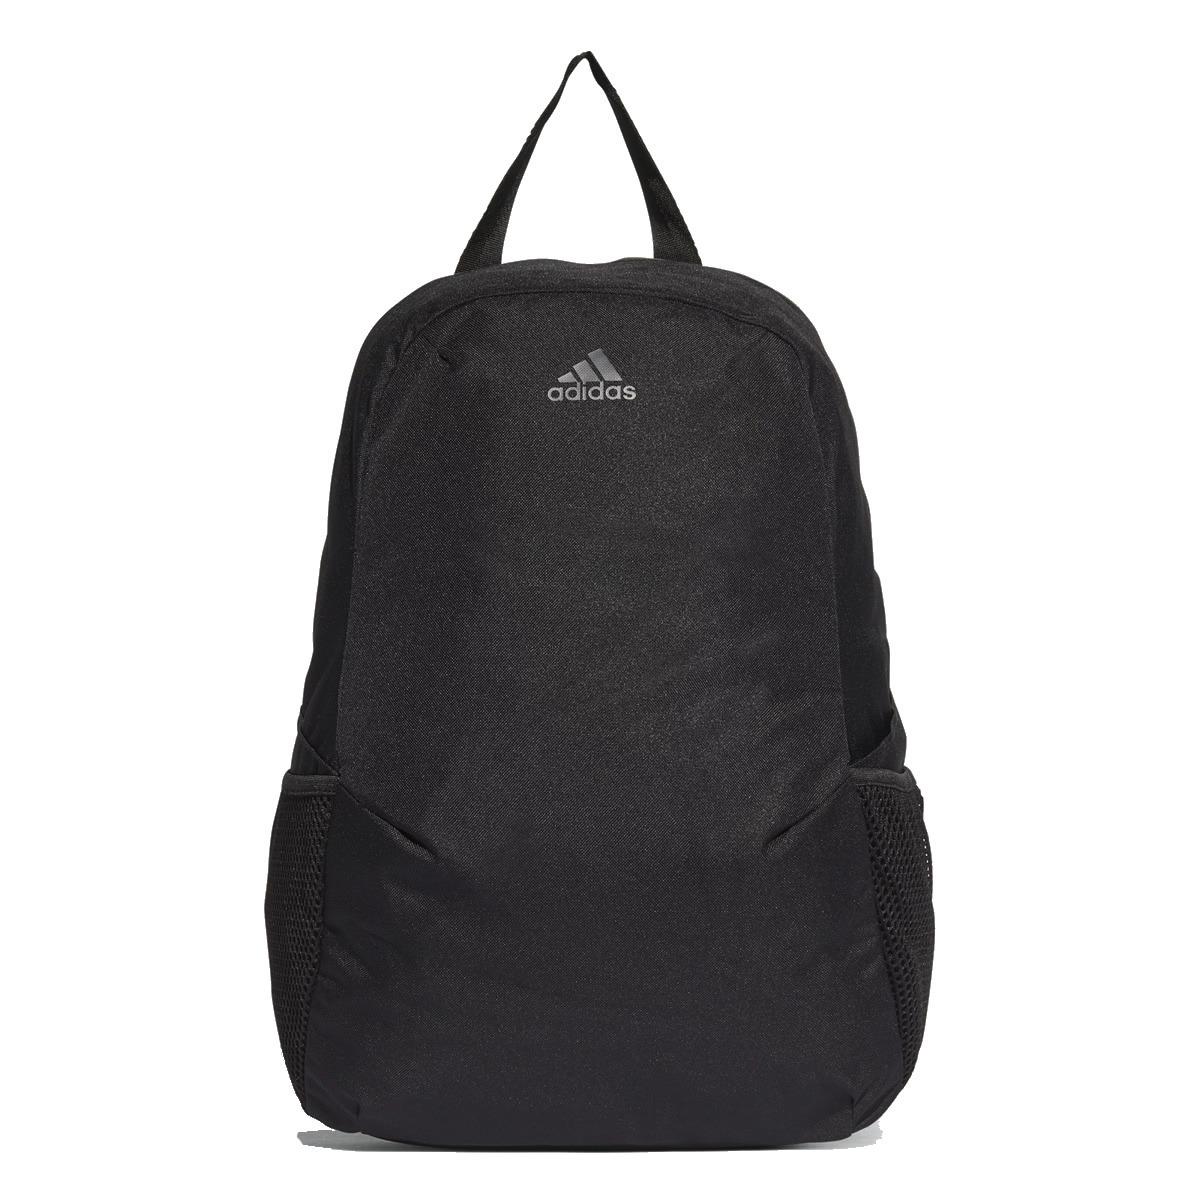 852a360bf Mochila adidas Cla Core Bp Black - $ 1.200,00 en Mercado Libre